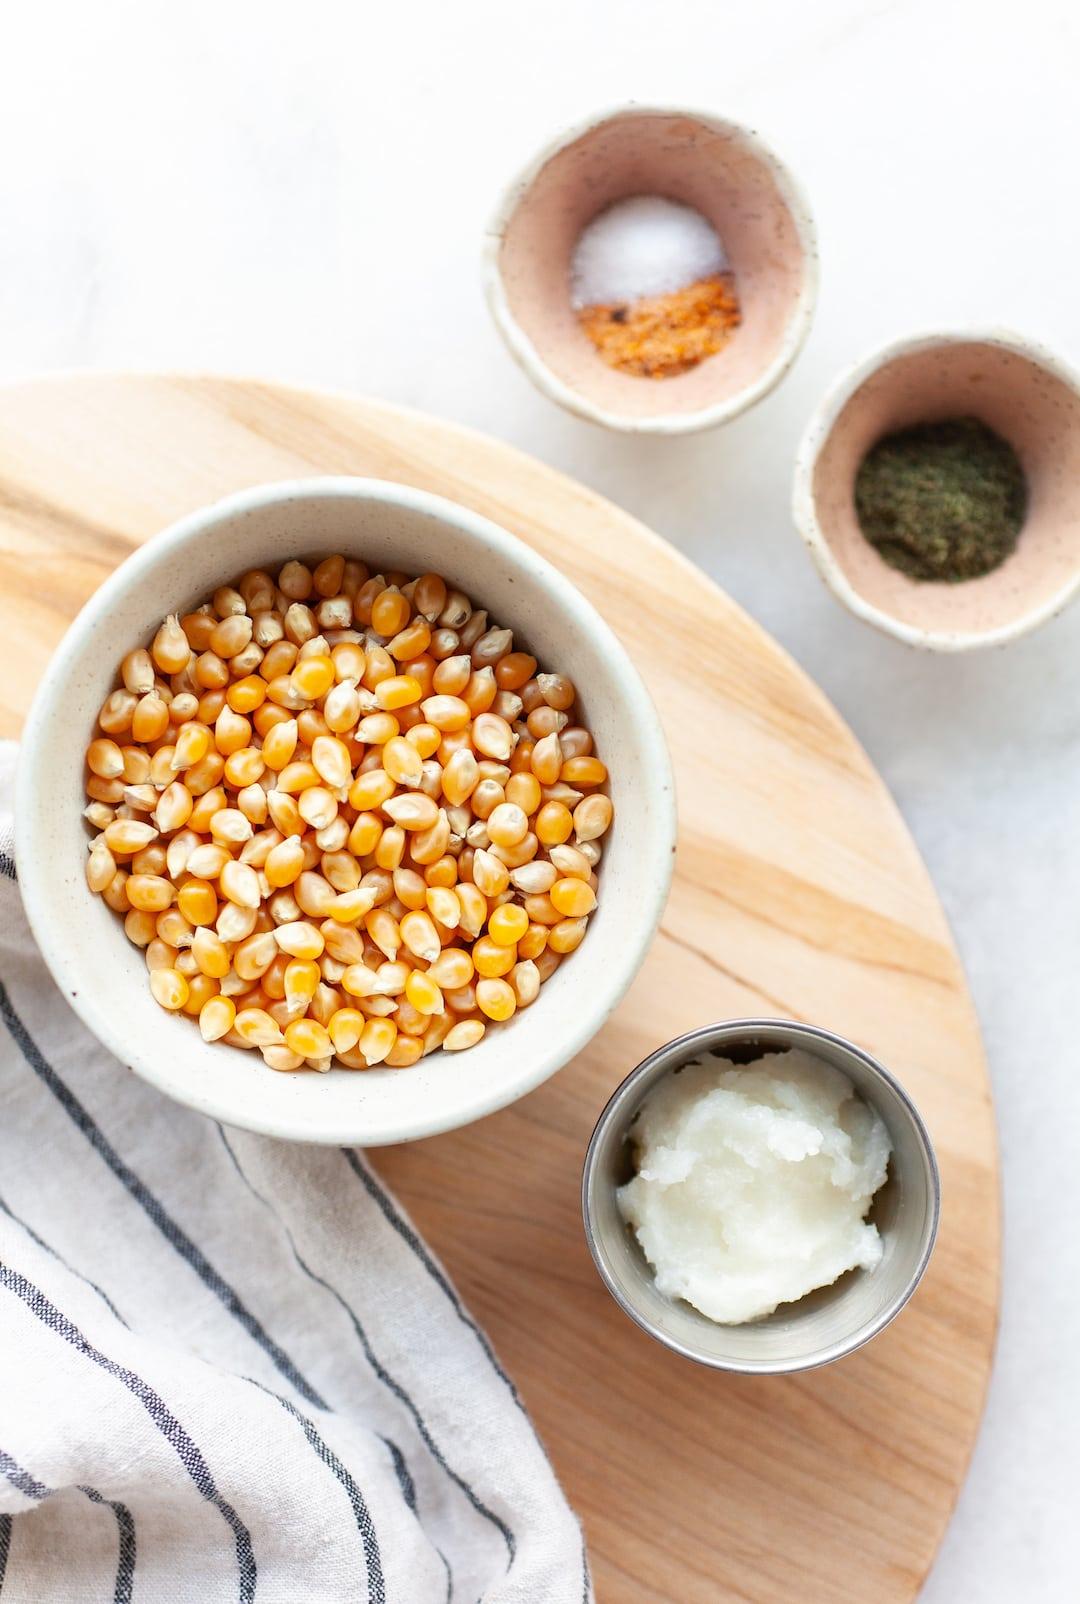 instant pot popcorn ingredients on a wooden board - popcorn kernels, coconut oil, seasonings